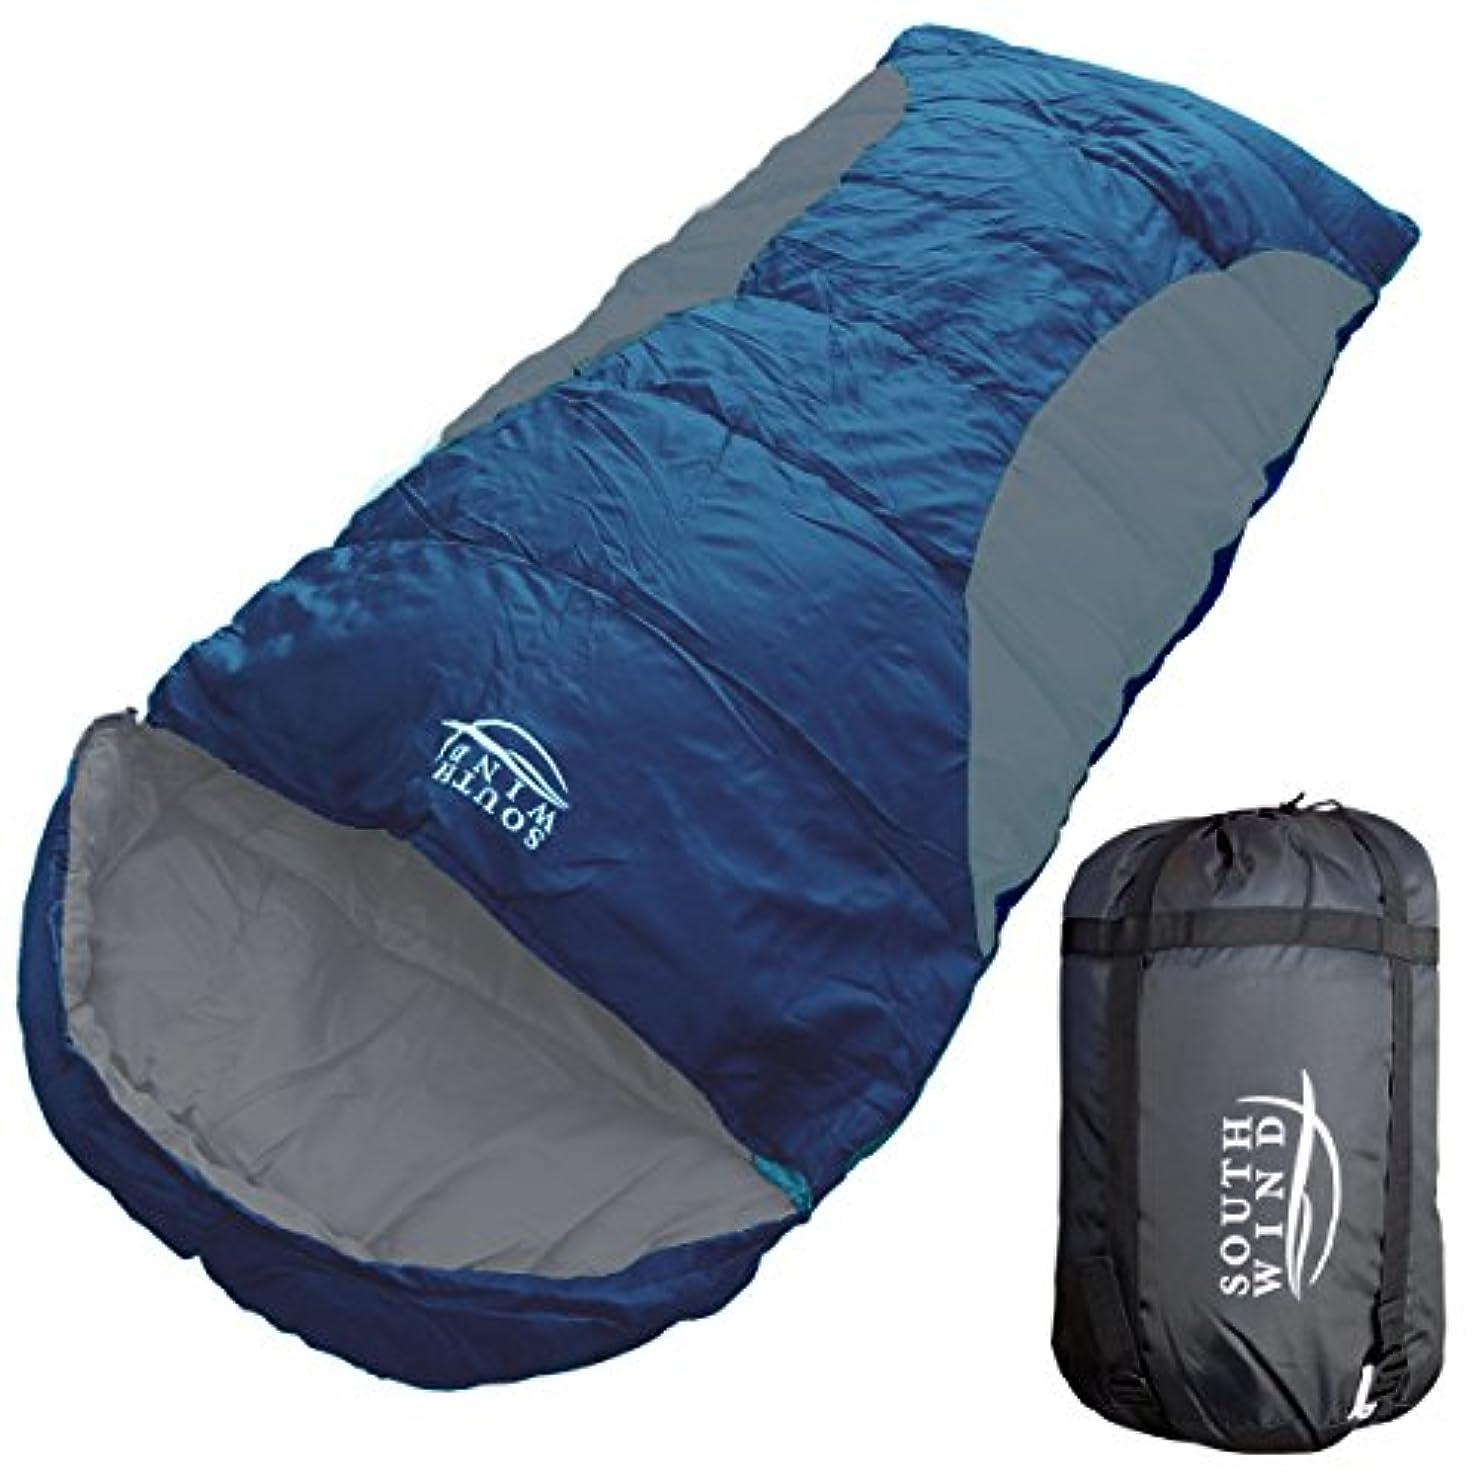 ホールパイ開拓者【SOUTH WIND】丸洗いのできる BIGサイズ 寝袋 シュラフ 封筒型 耐寒温度 -5℃ コンパクト収納 オールシーズン